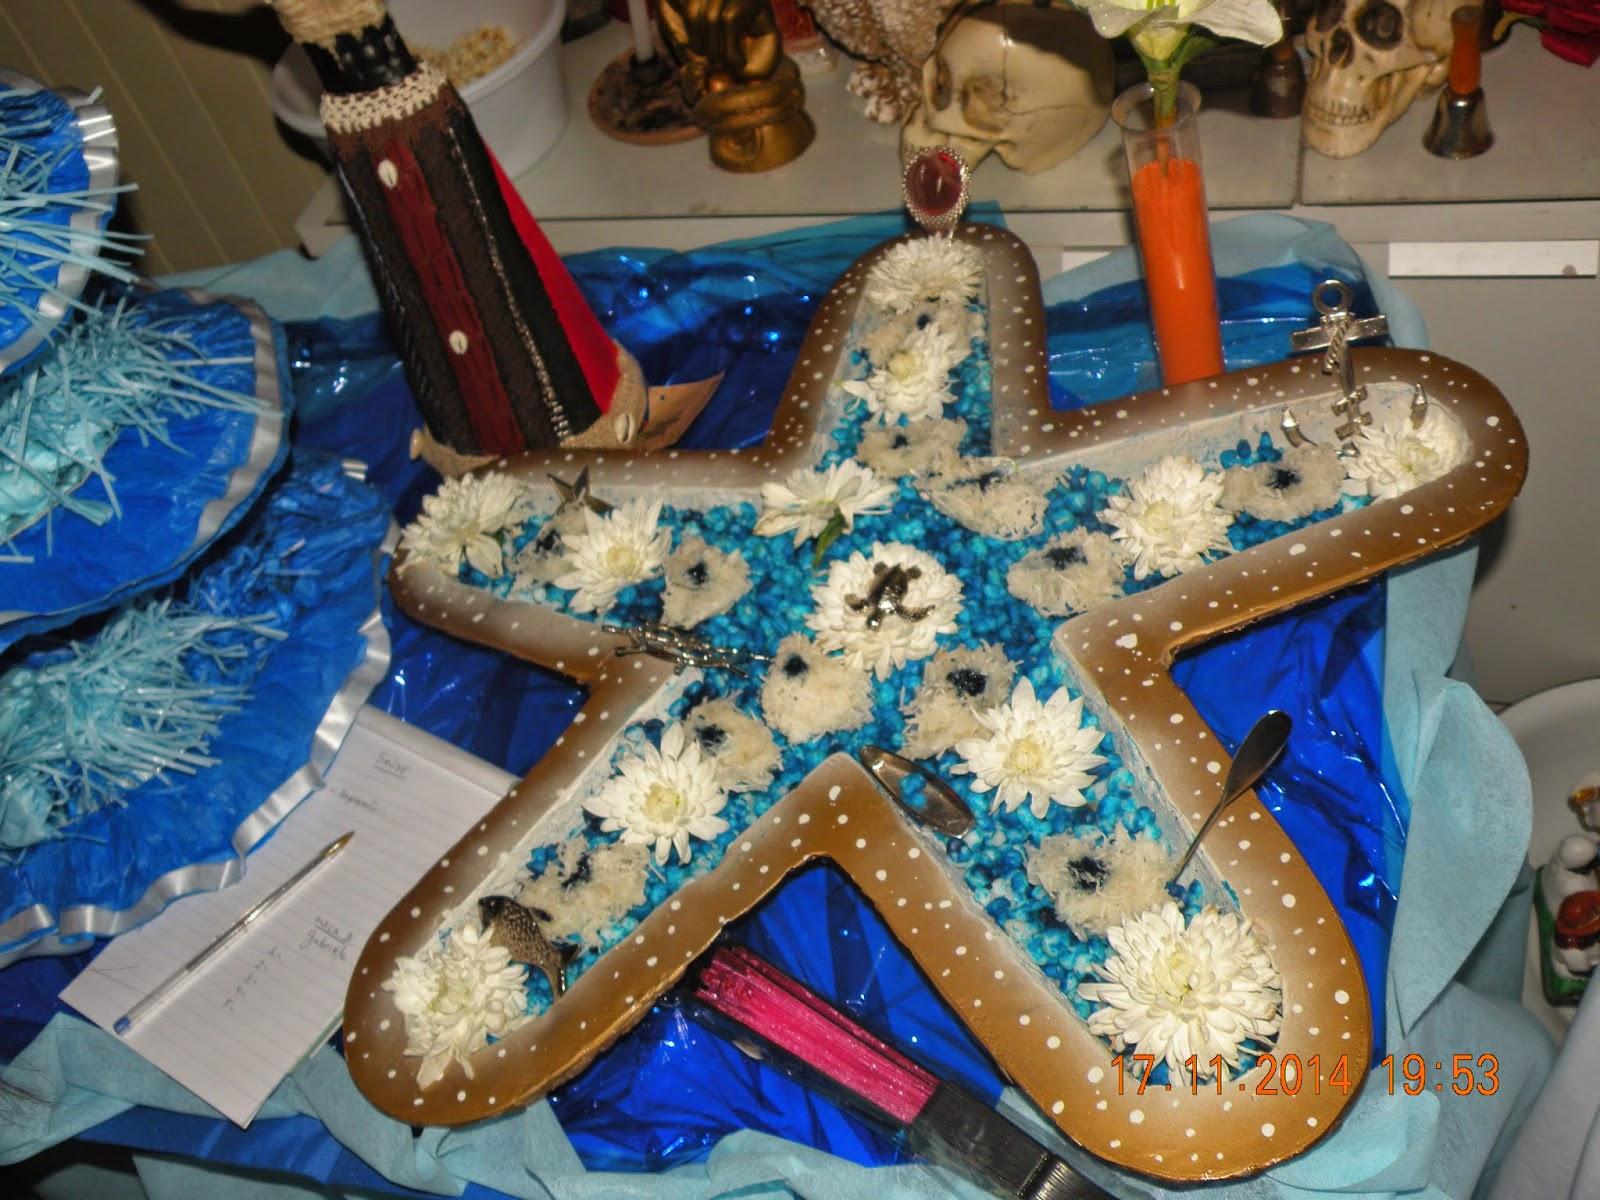 decoracao festa xango:Xangô: 1 Festa de Imenajá em nossas instalações